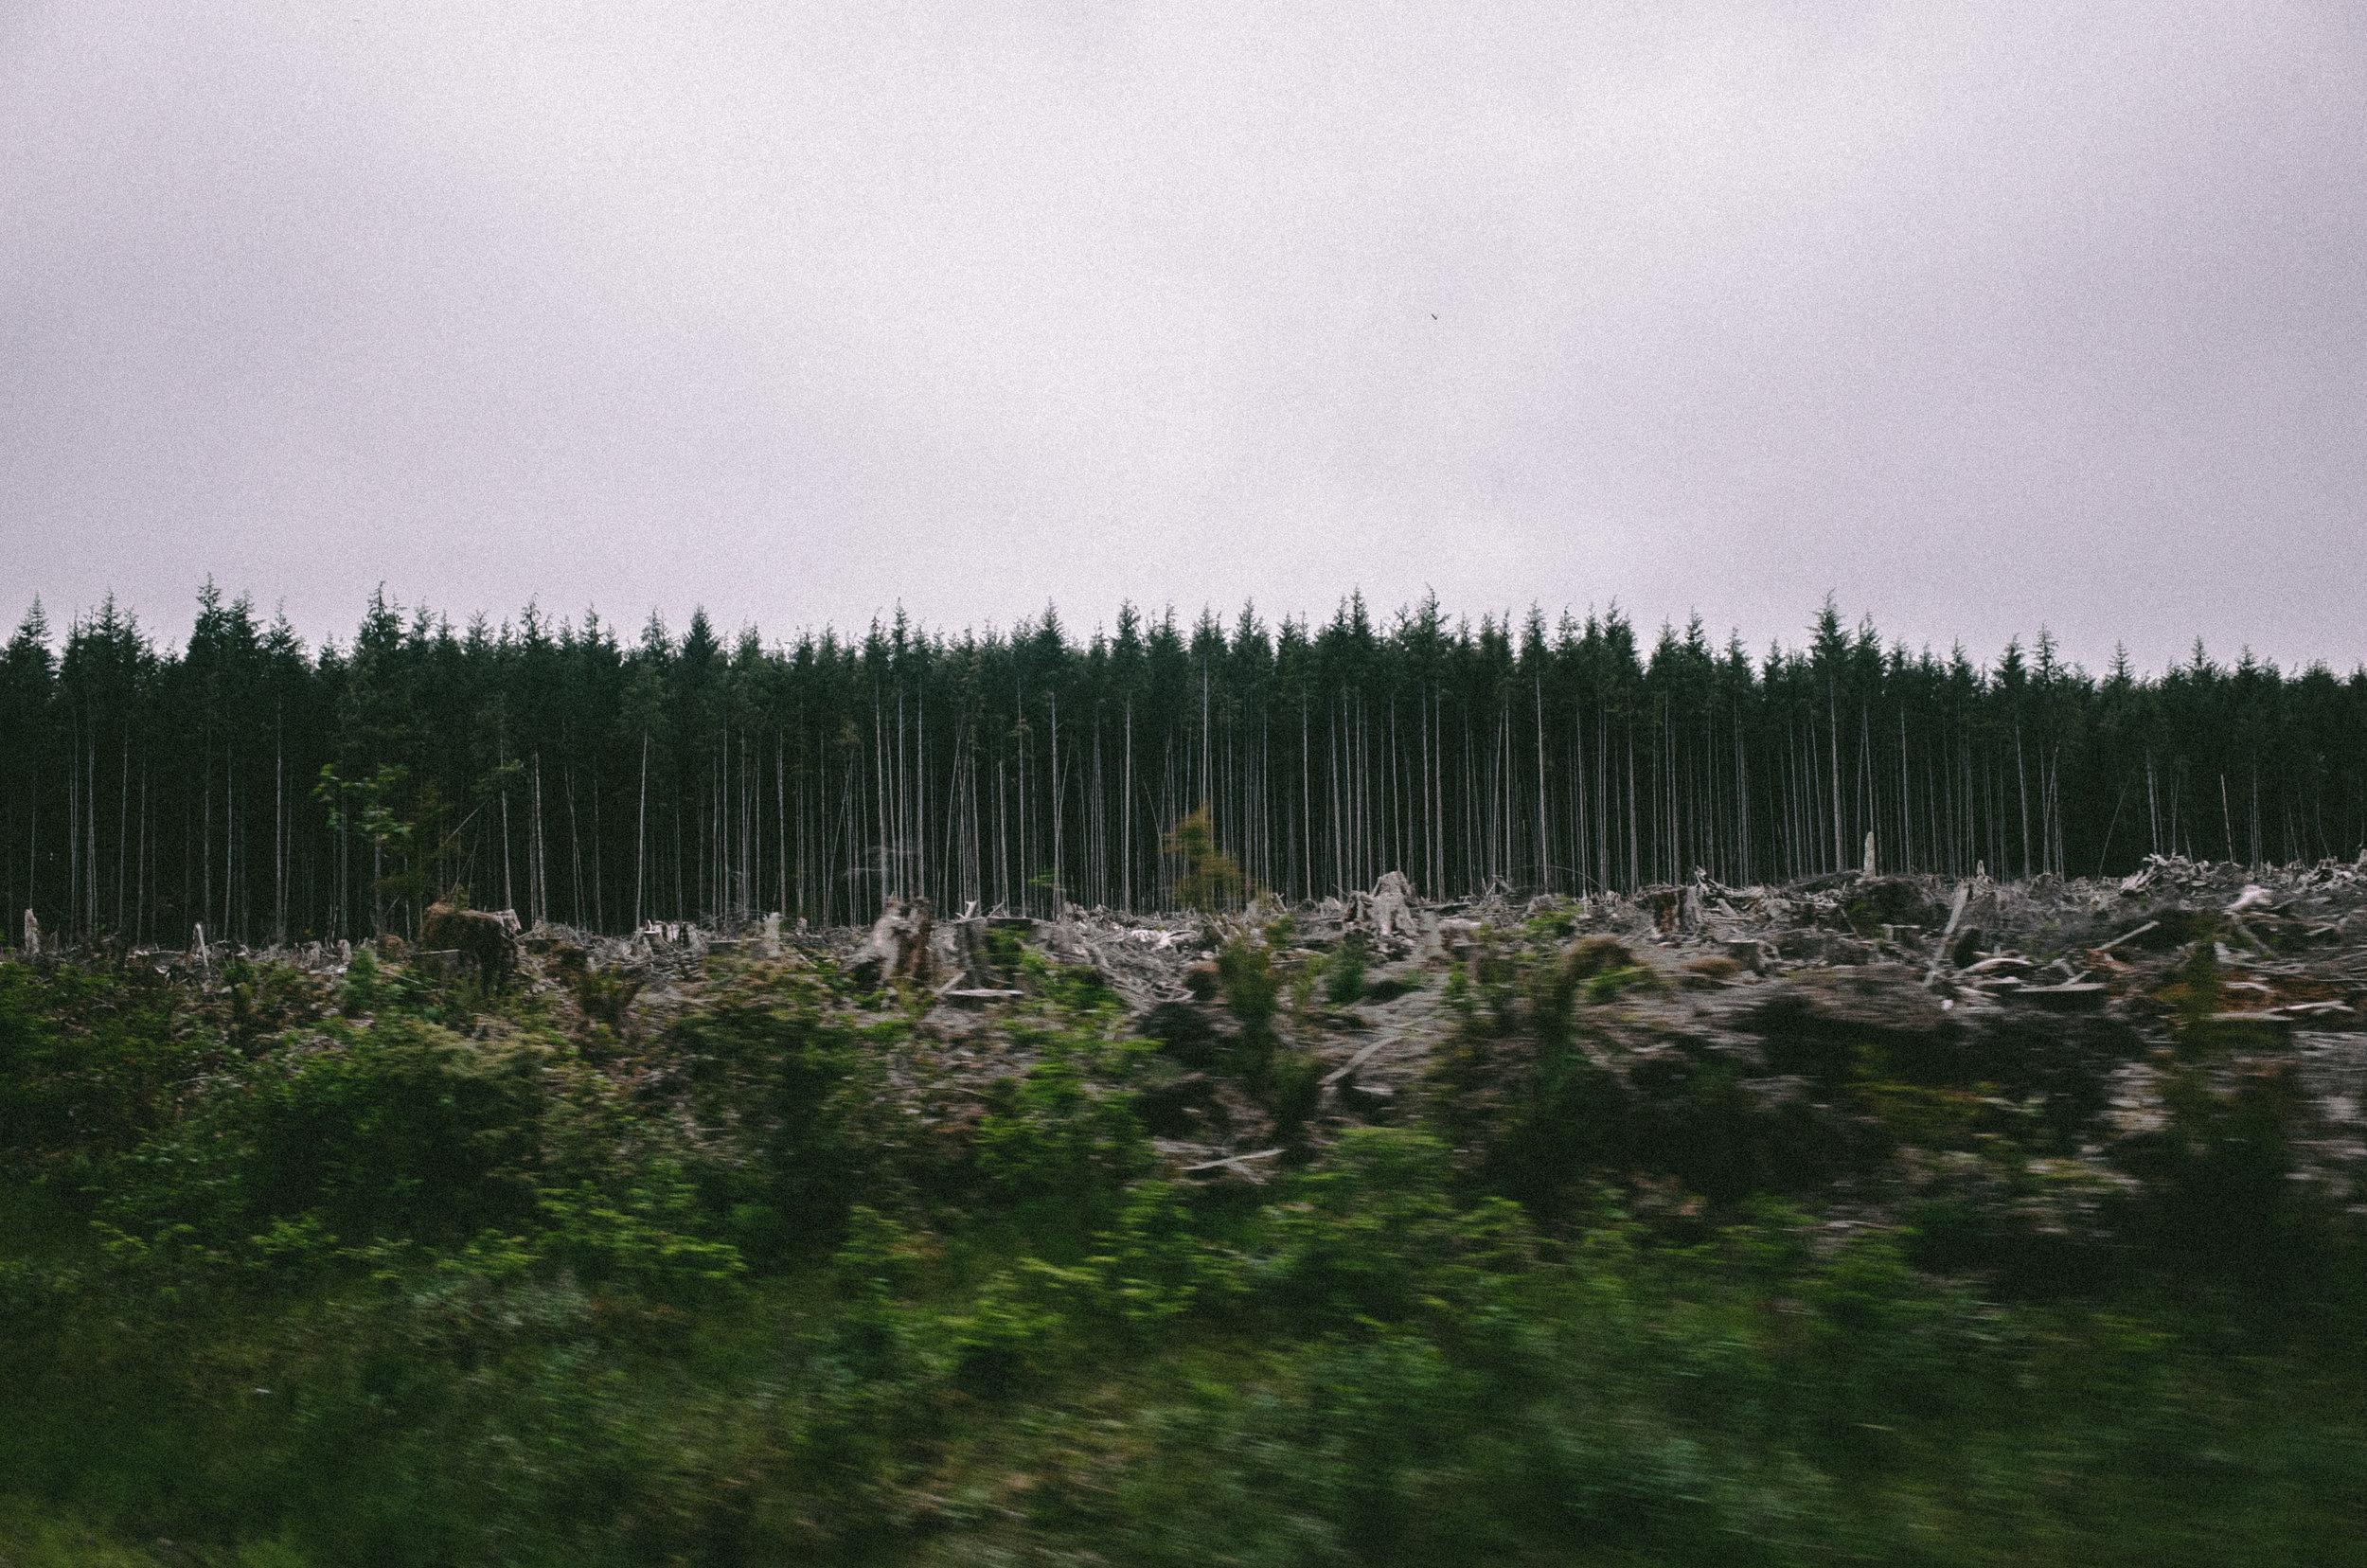 Roadtrip_KaveerRai_17.jpg